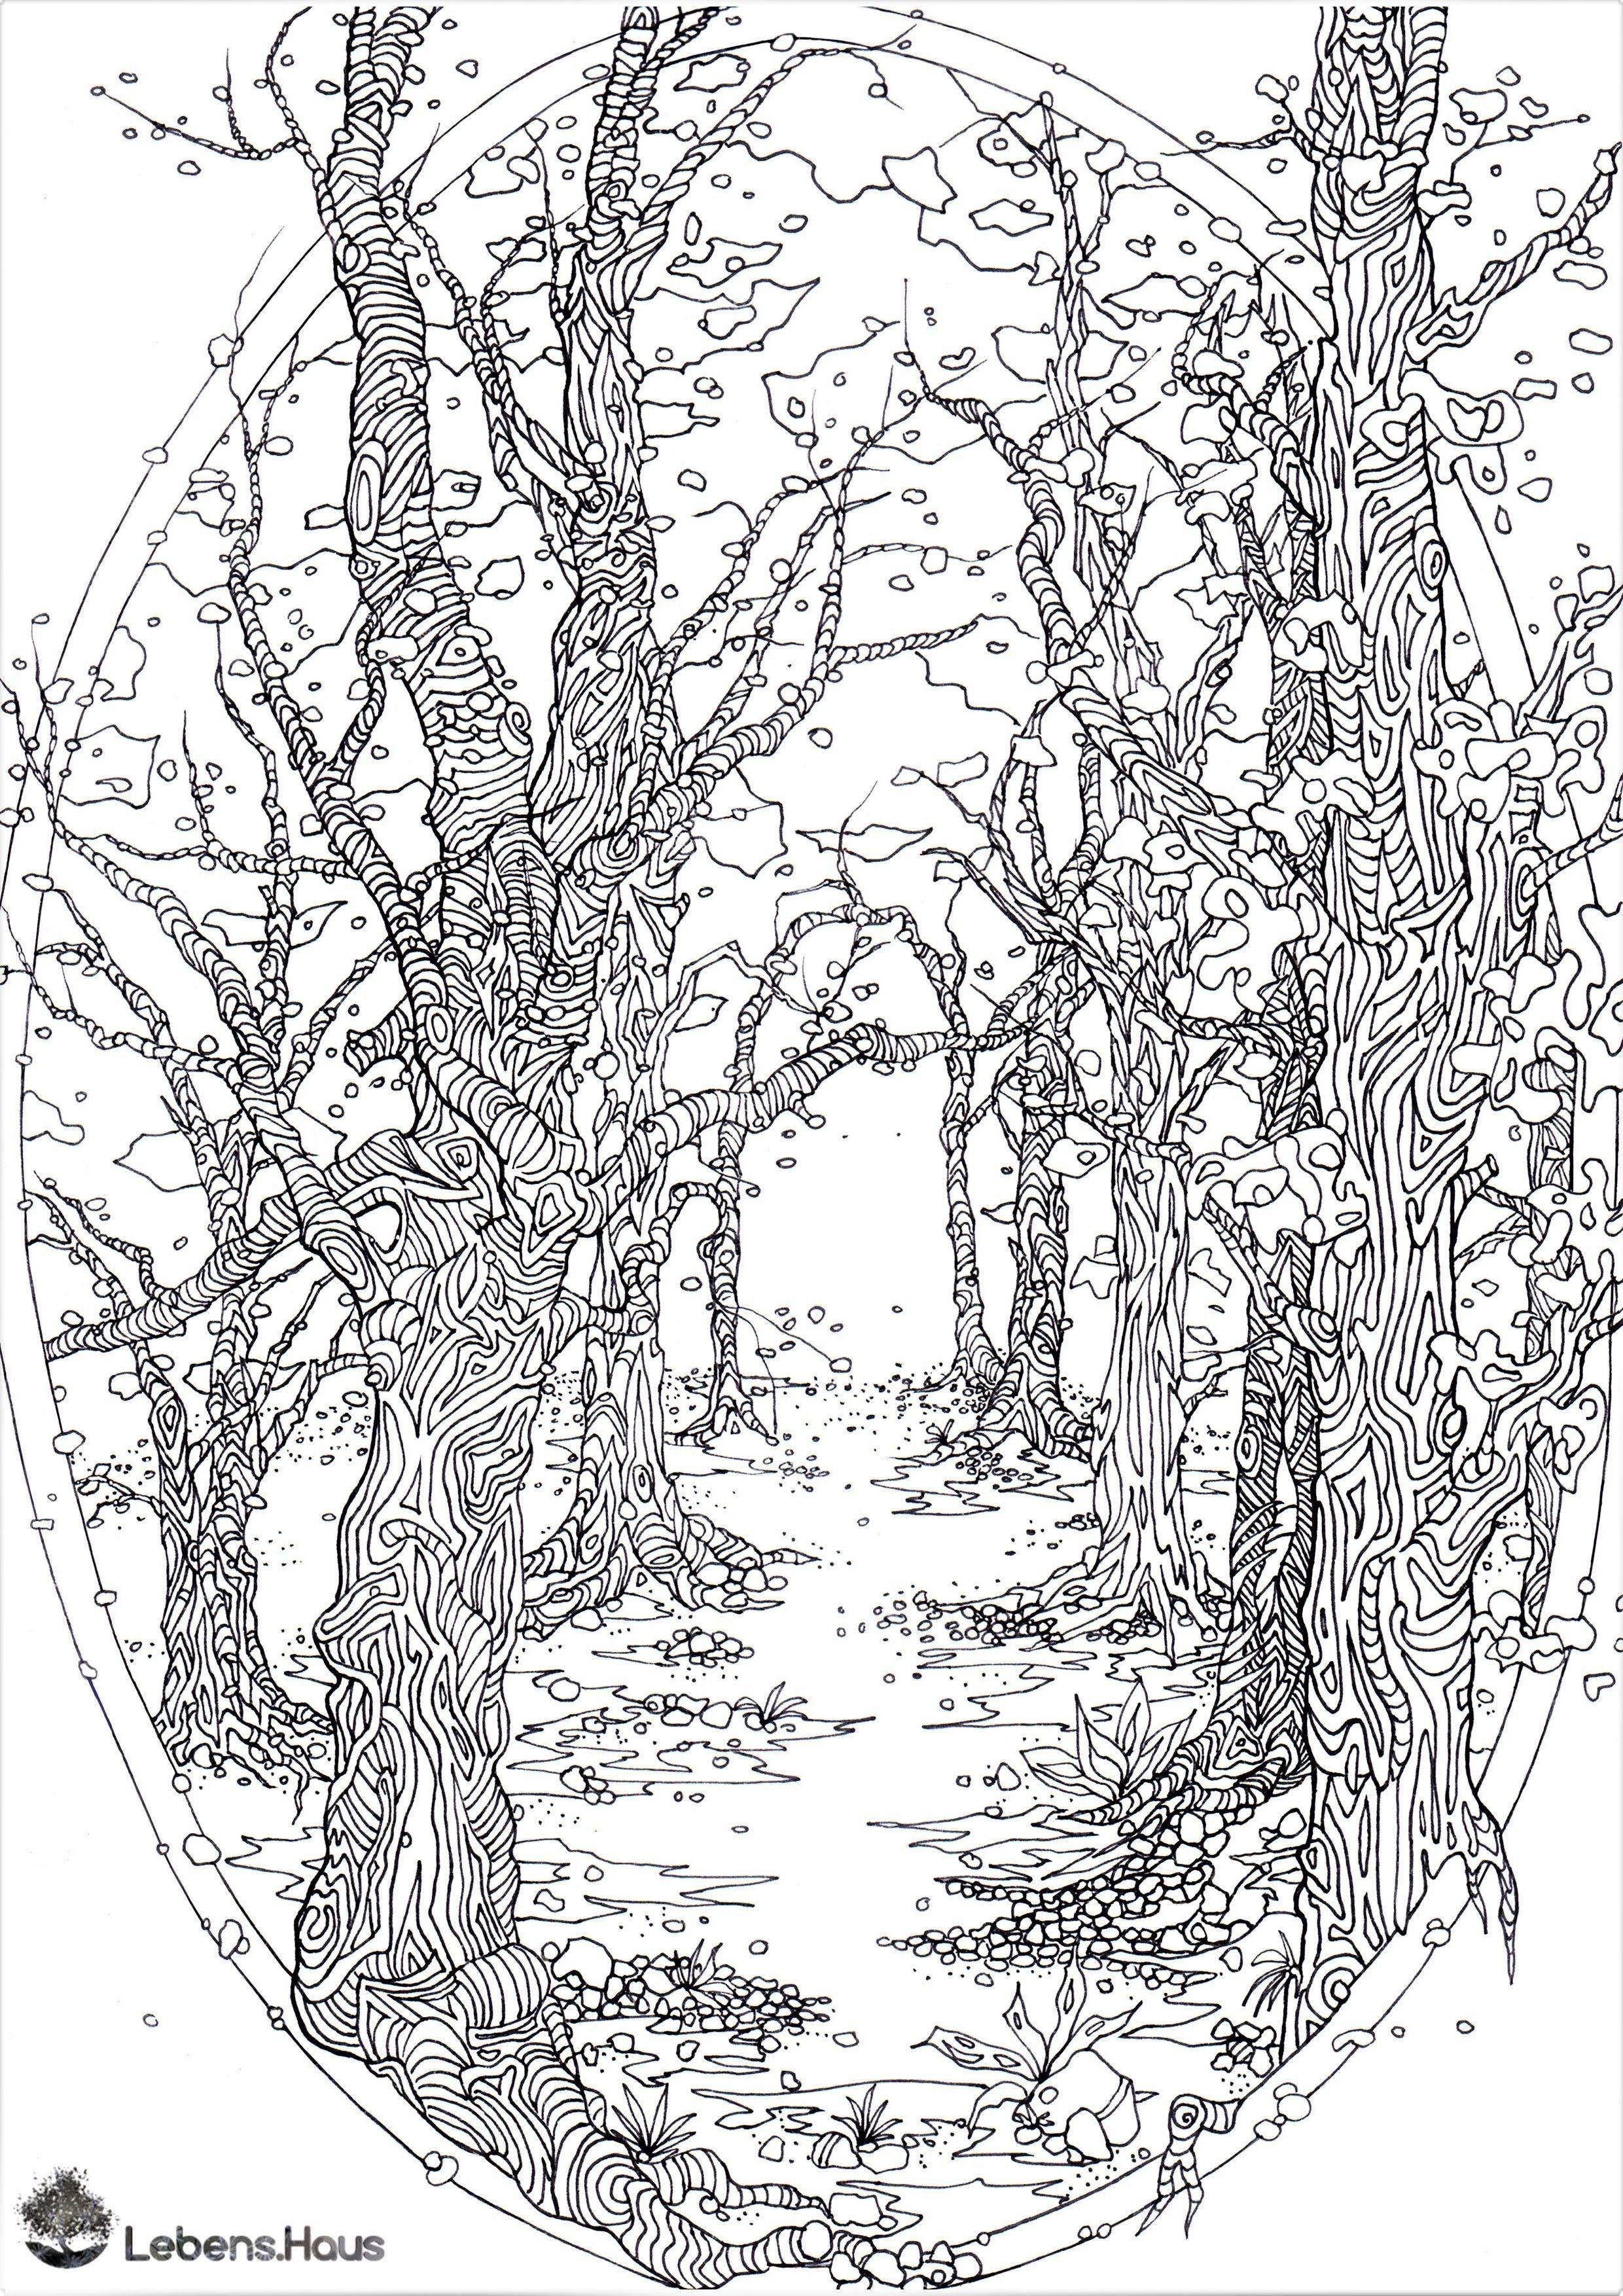 Ausmalbilder 4 Jahreszeiten Genial 39 Baum Zum Ausmalen Sammlung